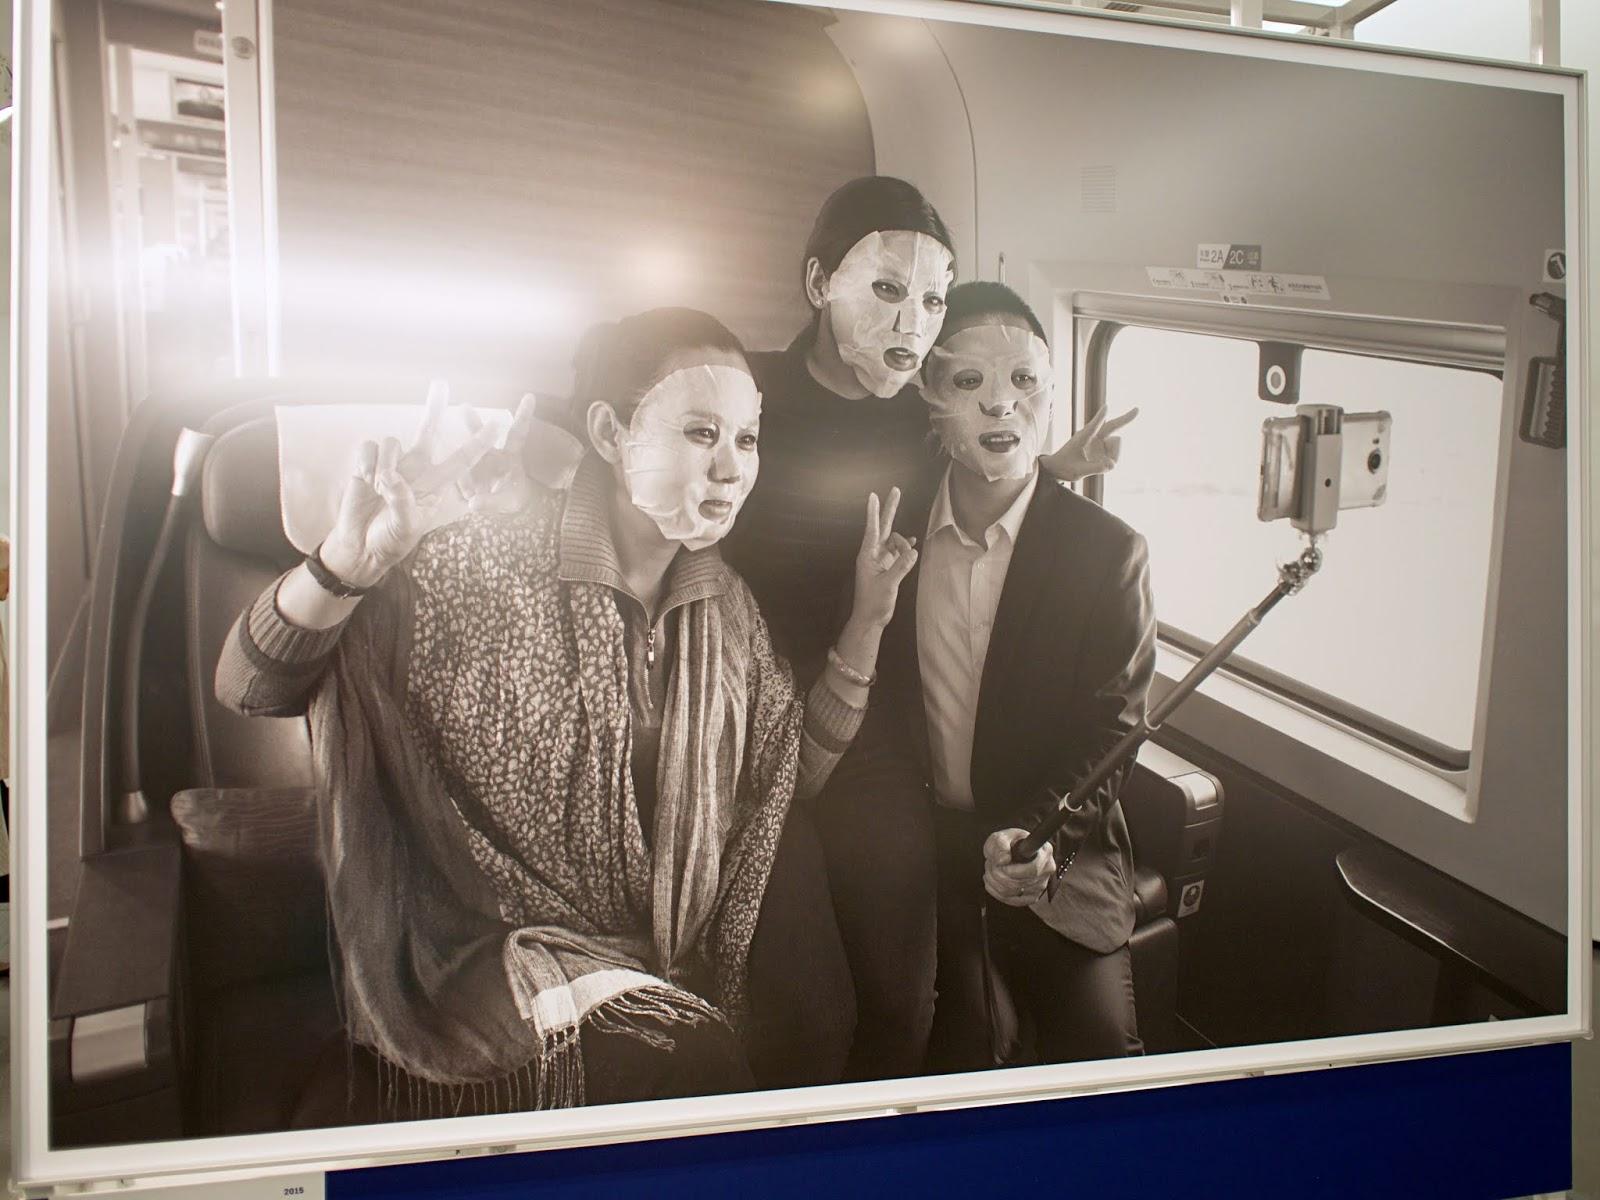 chinese rail passengers